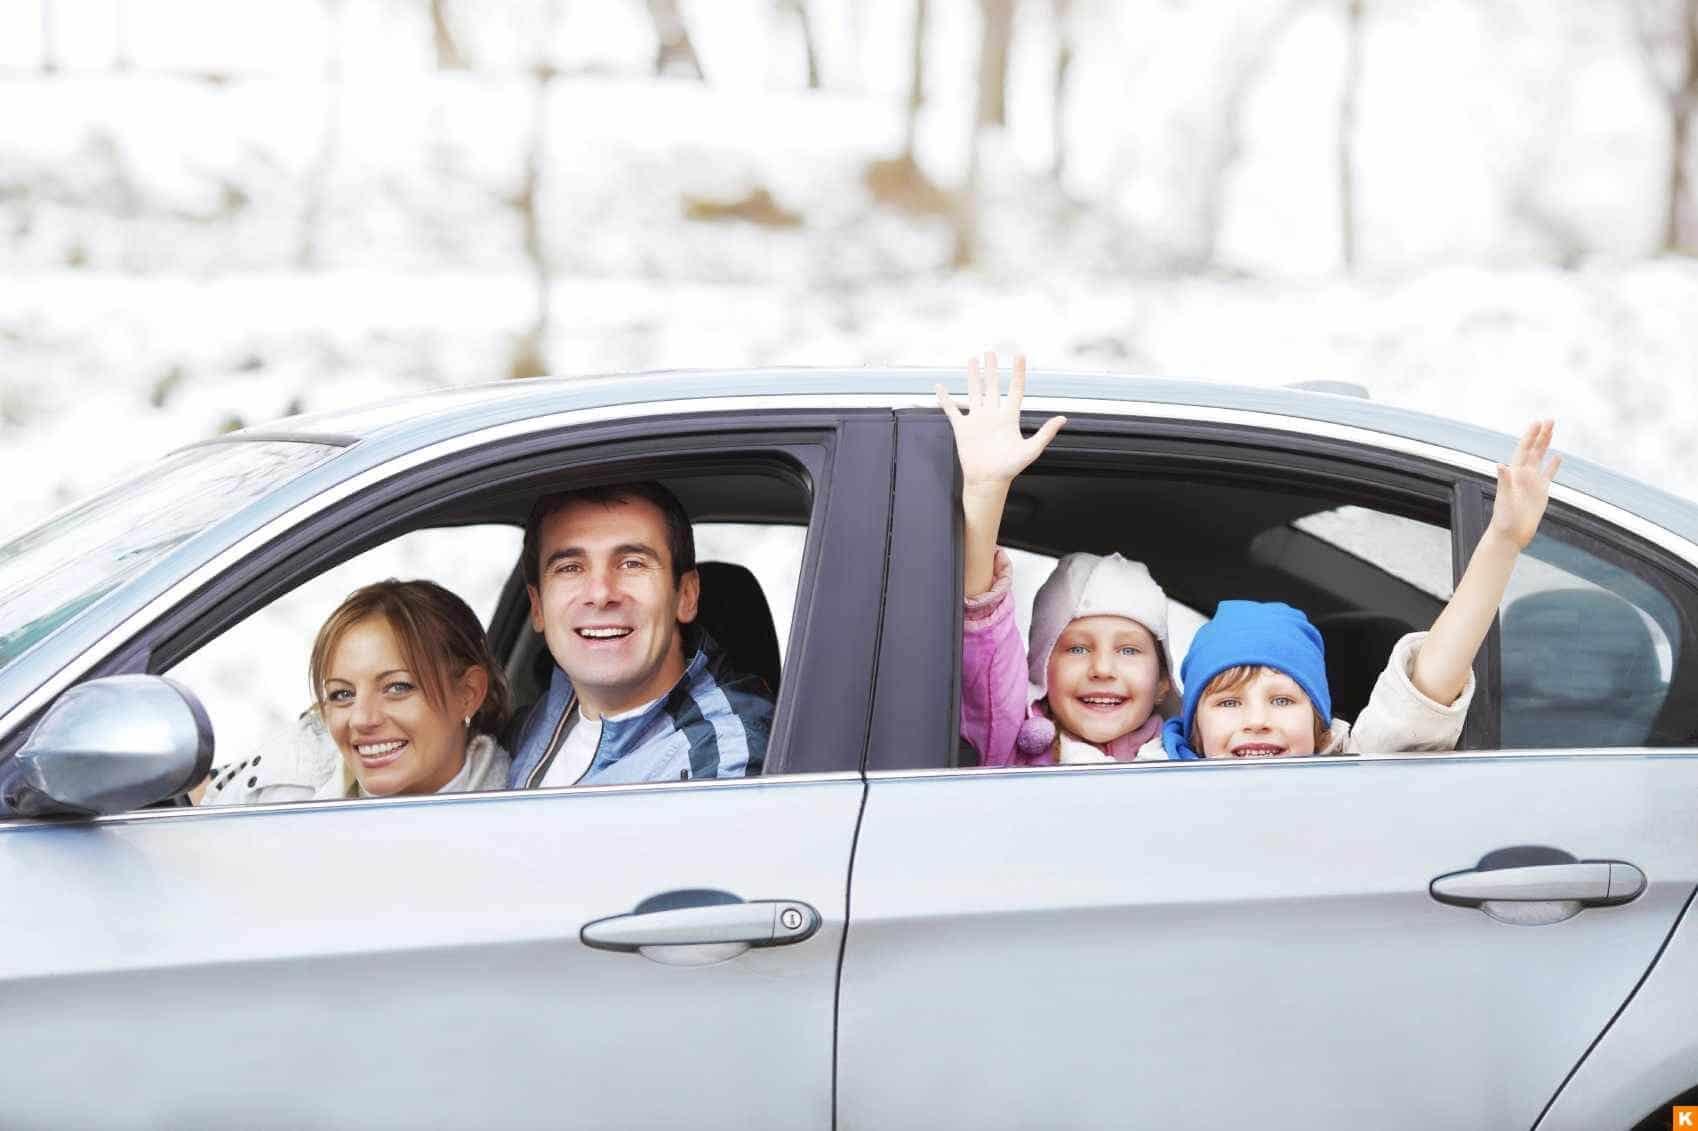 господдержка семейный автомобиль сбербанк